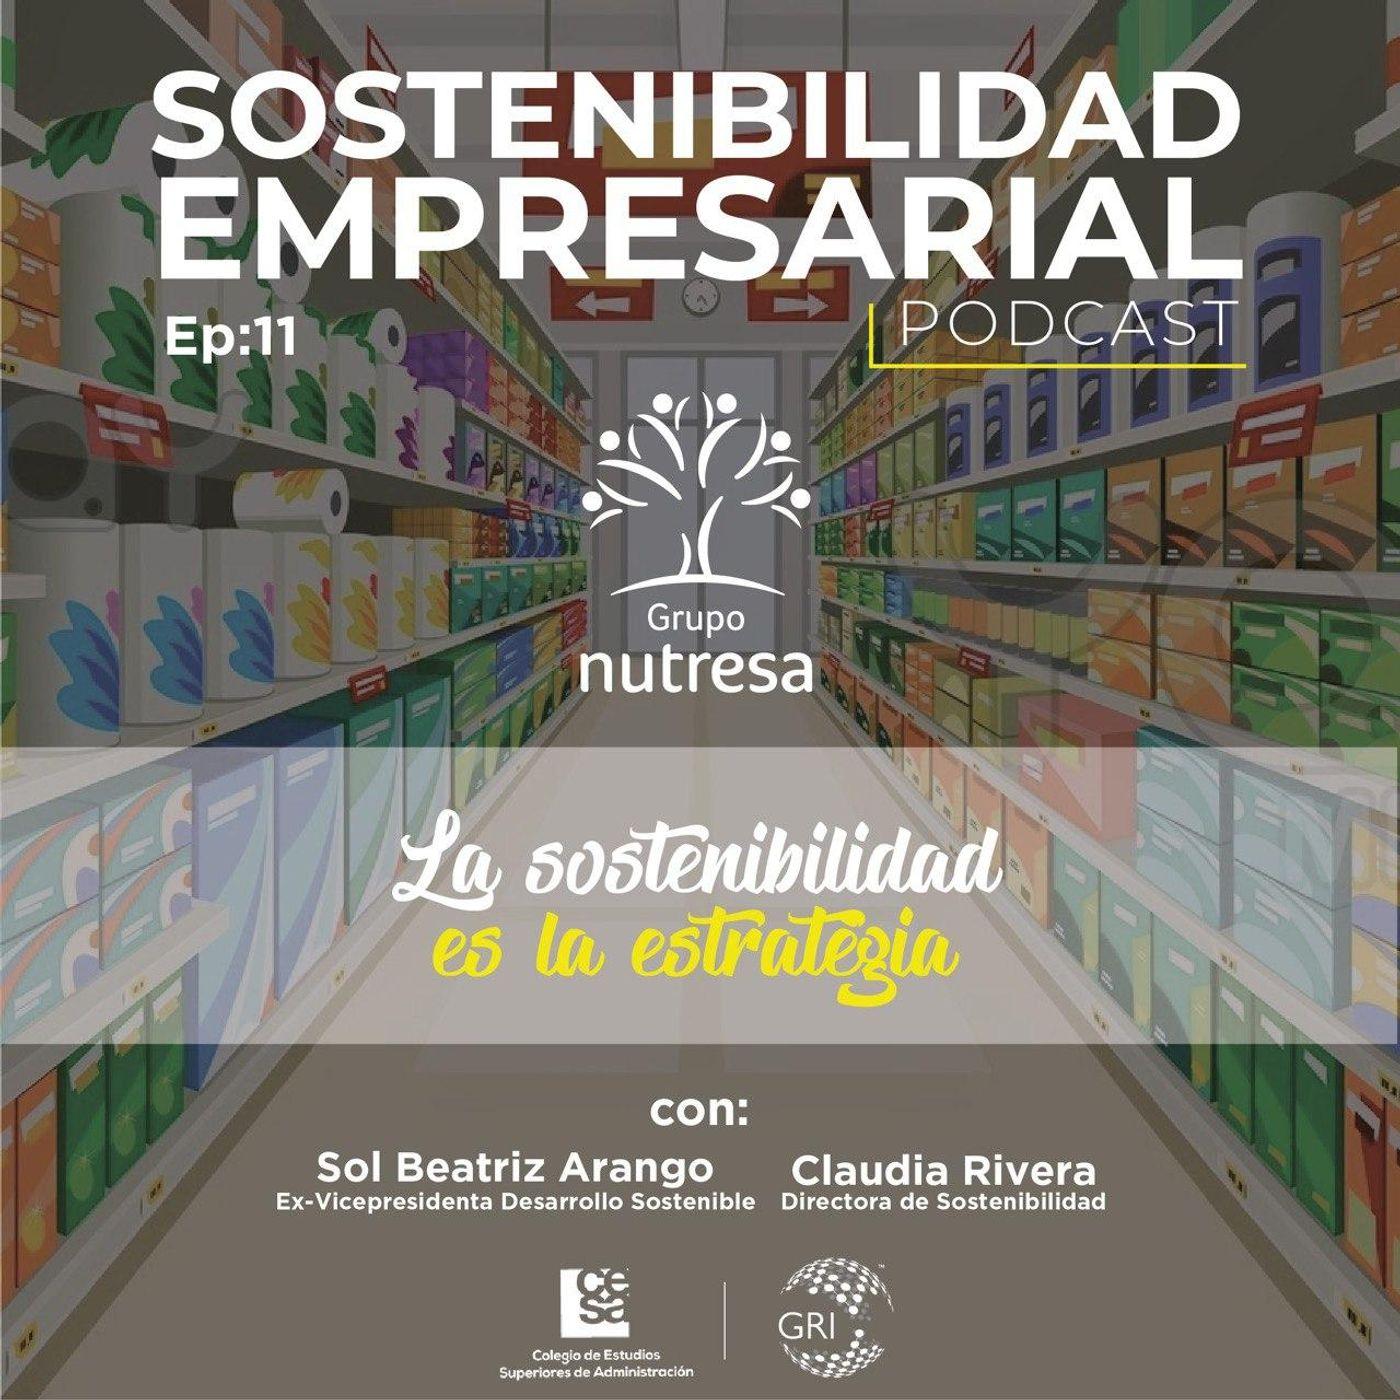 EP 11: La Sostenibilidad es la estrategia - Caso Nutresa